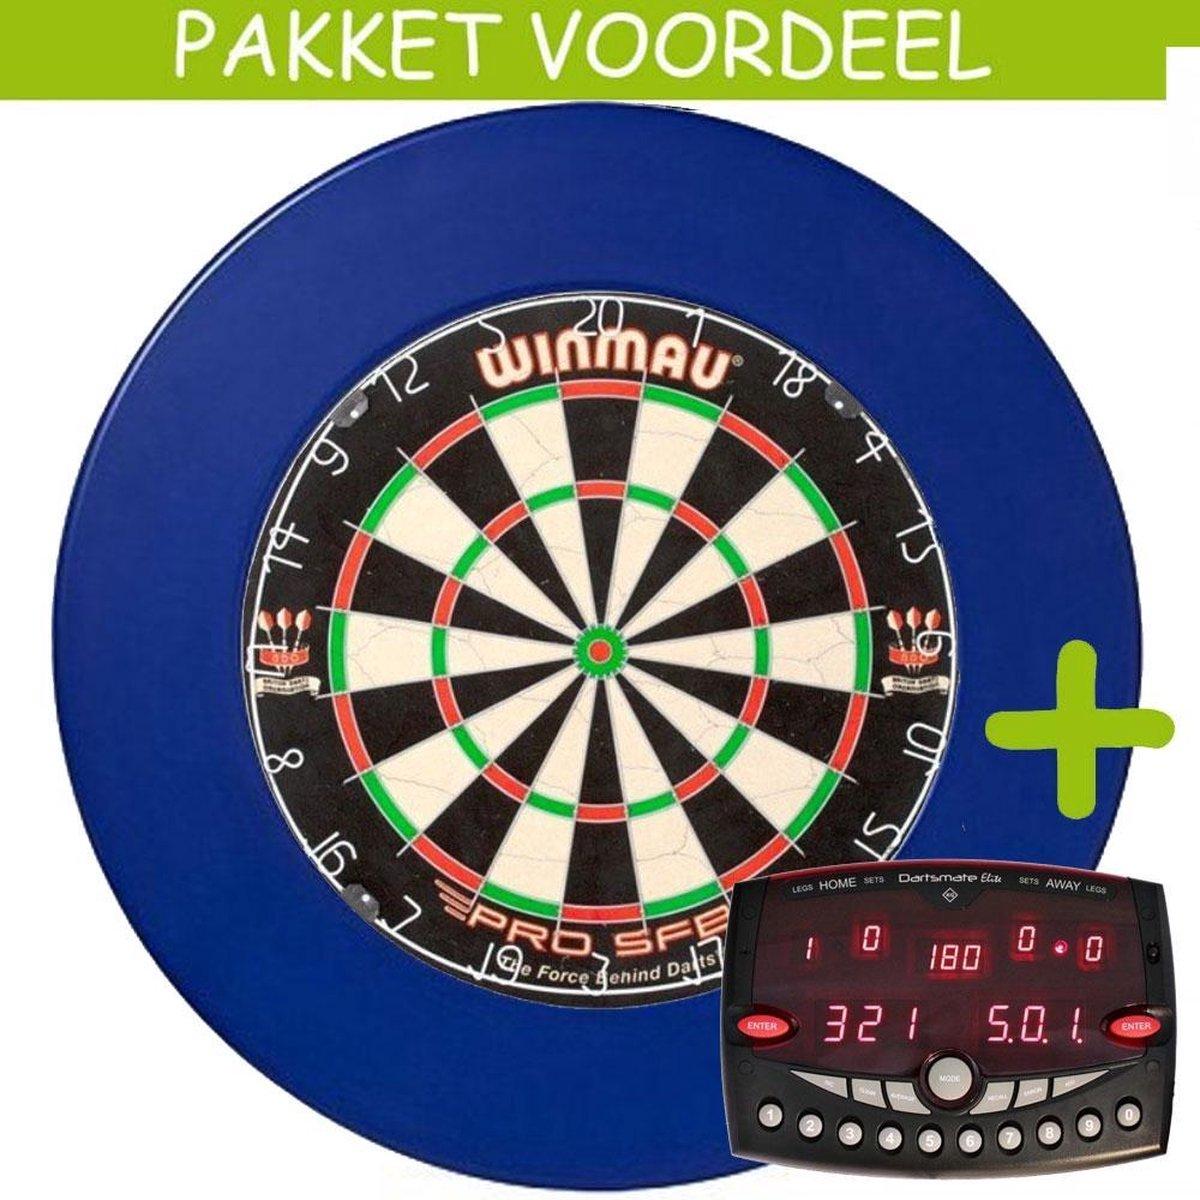 Elektronisch Dart Scorebord VoordeelPakket (Elite ) - Pro SFB - Rubberen Surround (Blauw)